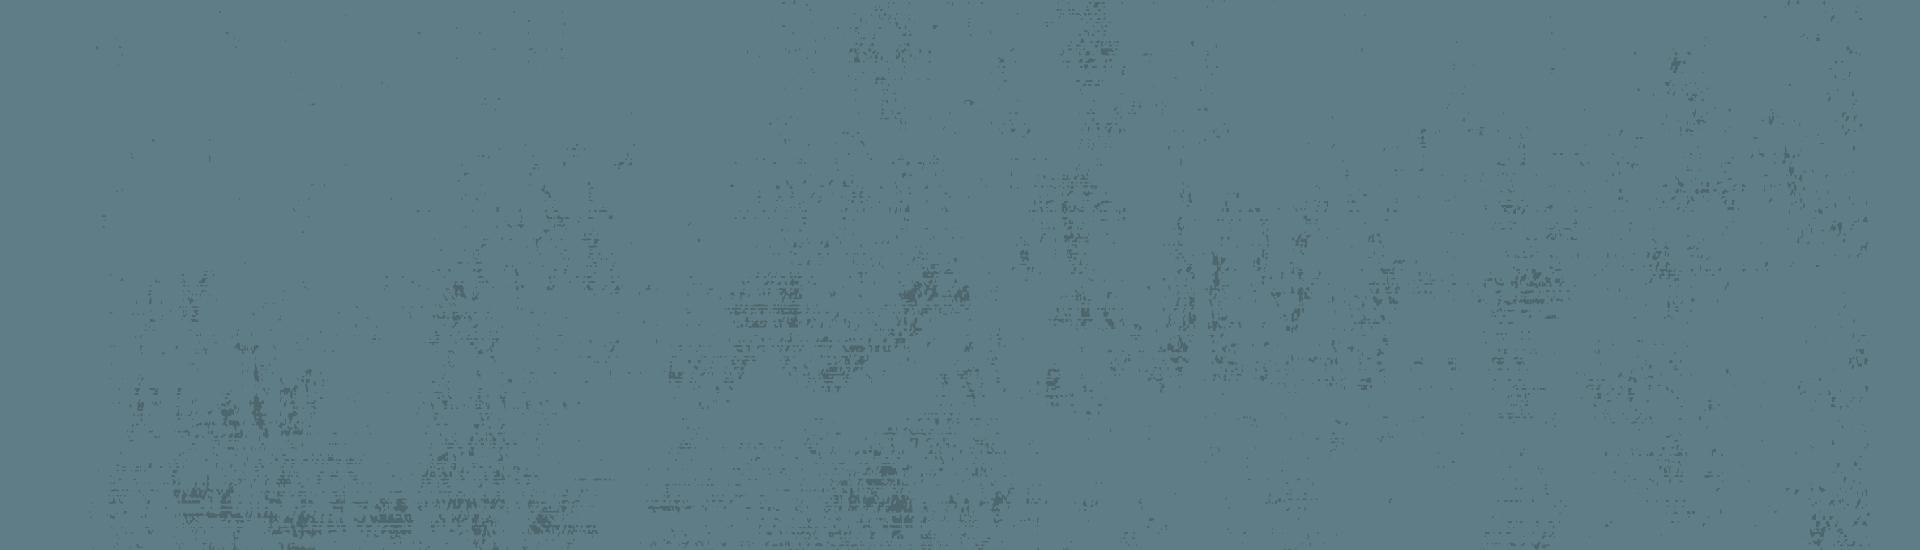 Weine - Unsere Bestseller & Lieblingsweine mit -20% 10-12/2020 - Slider